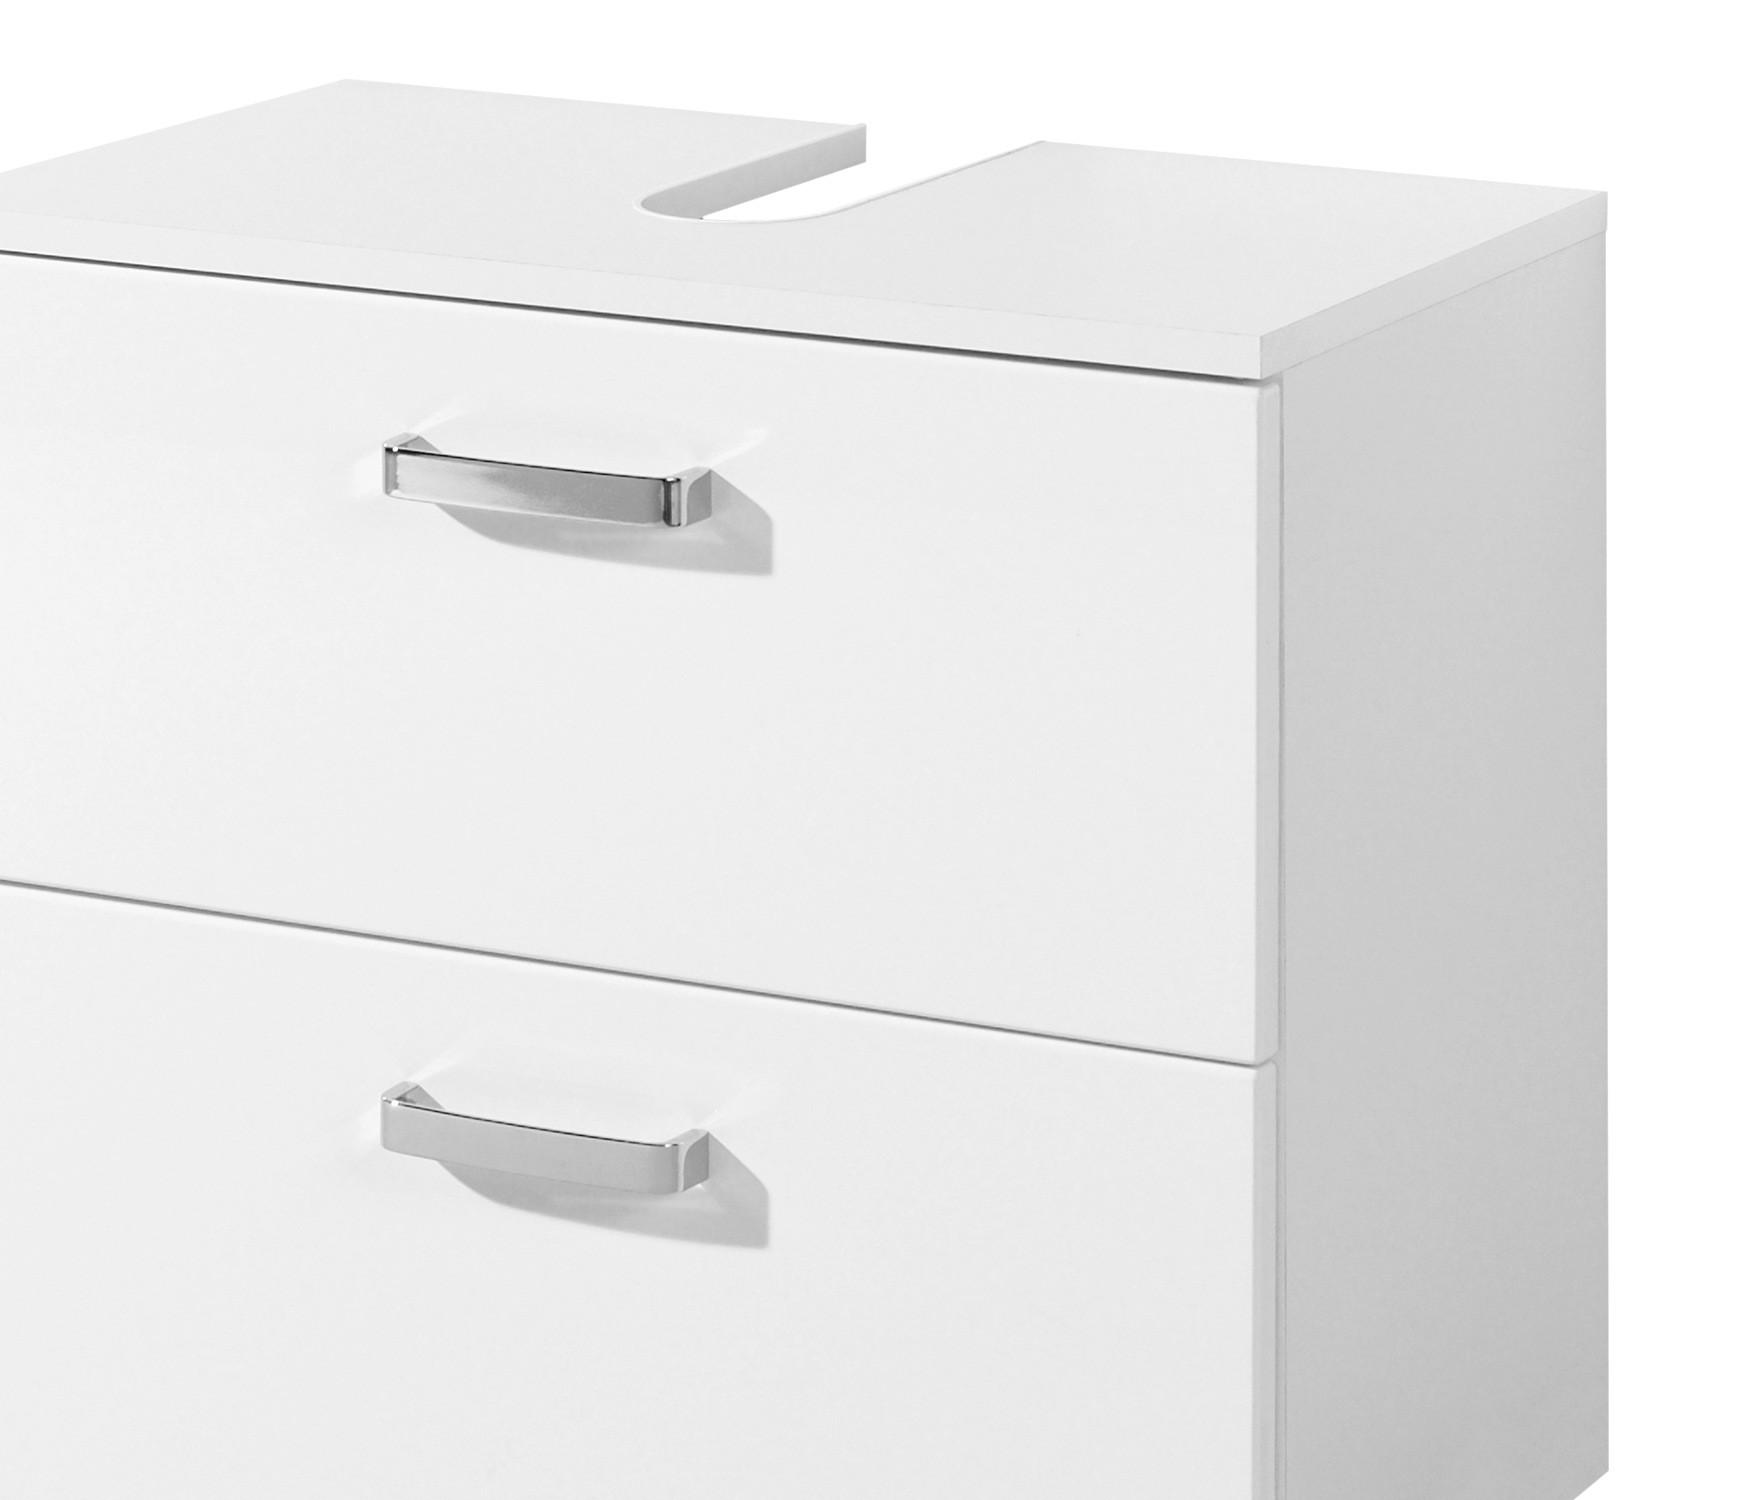 bad waschbeckenunterschrank ancona 1 auszug 1 klappe 60 cm breit hochglanz wei bad ancona. Black Bedroom Furniture Sets. Home Design Ideas